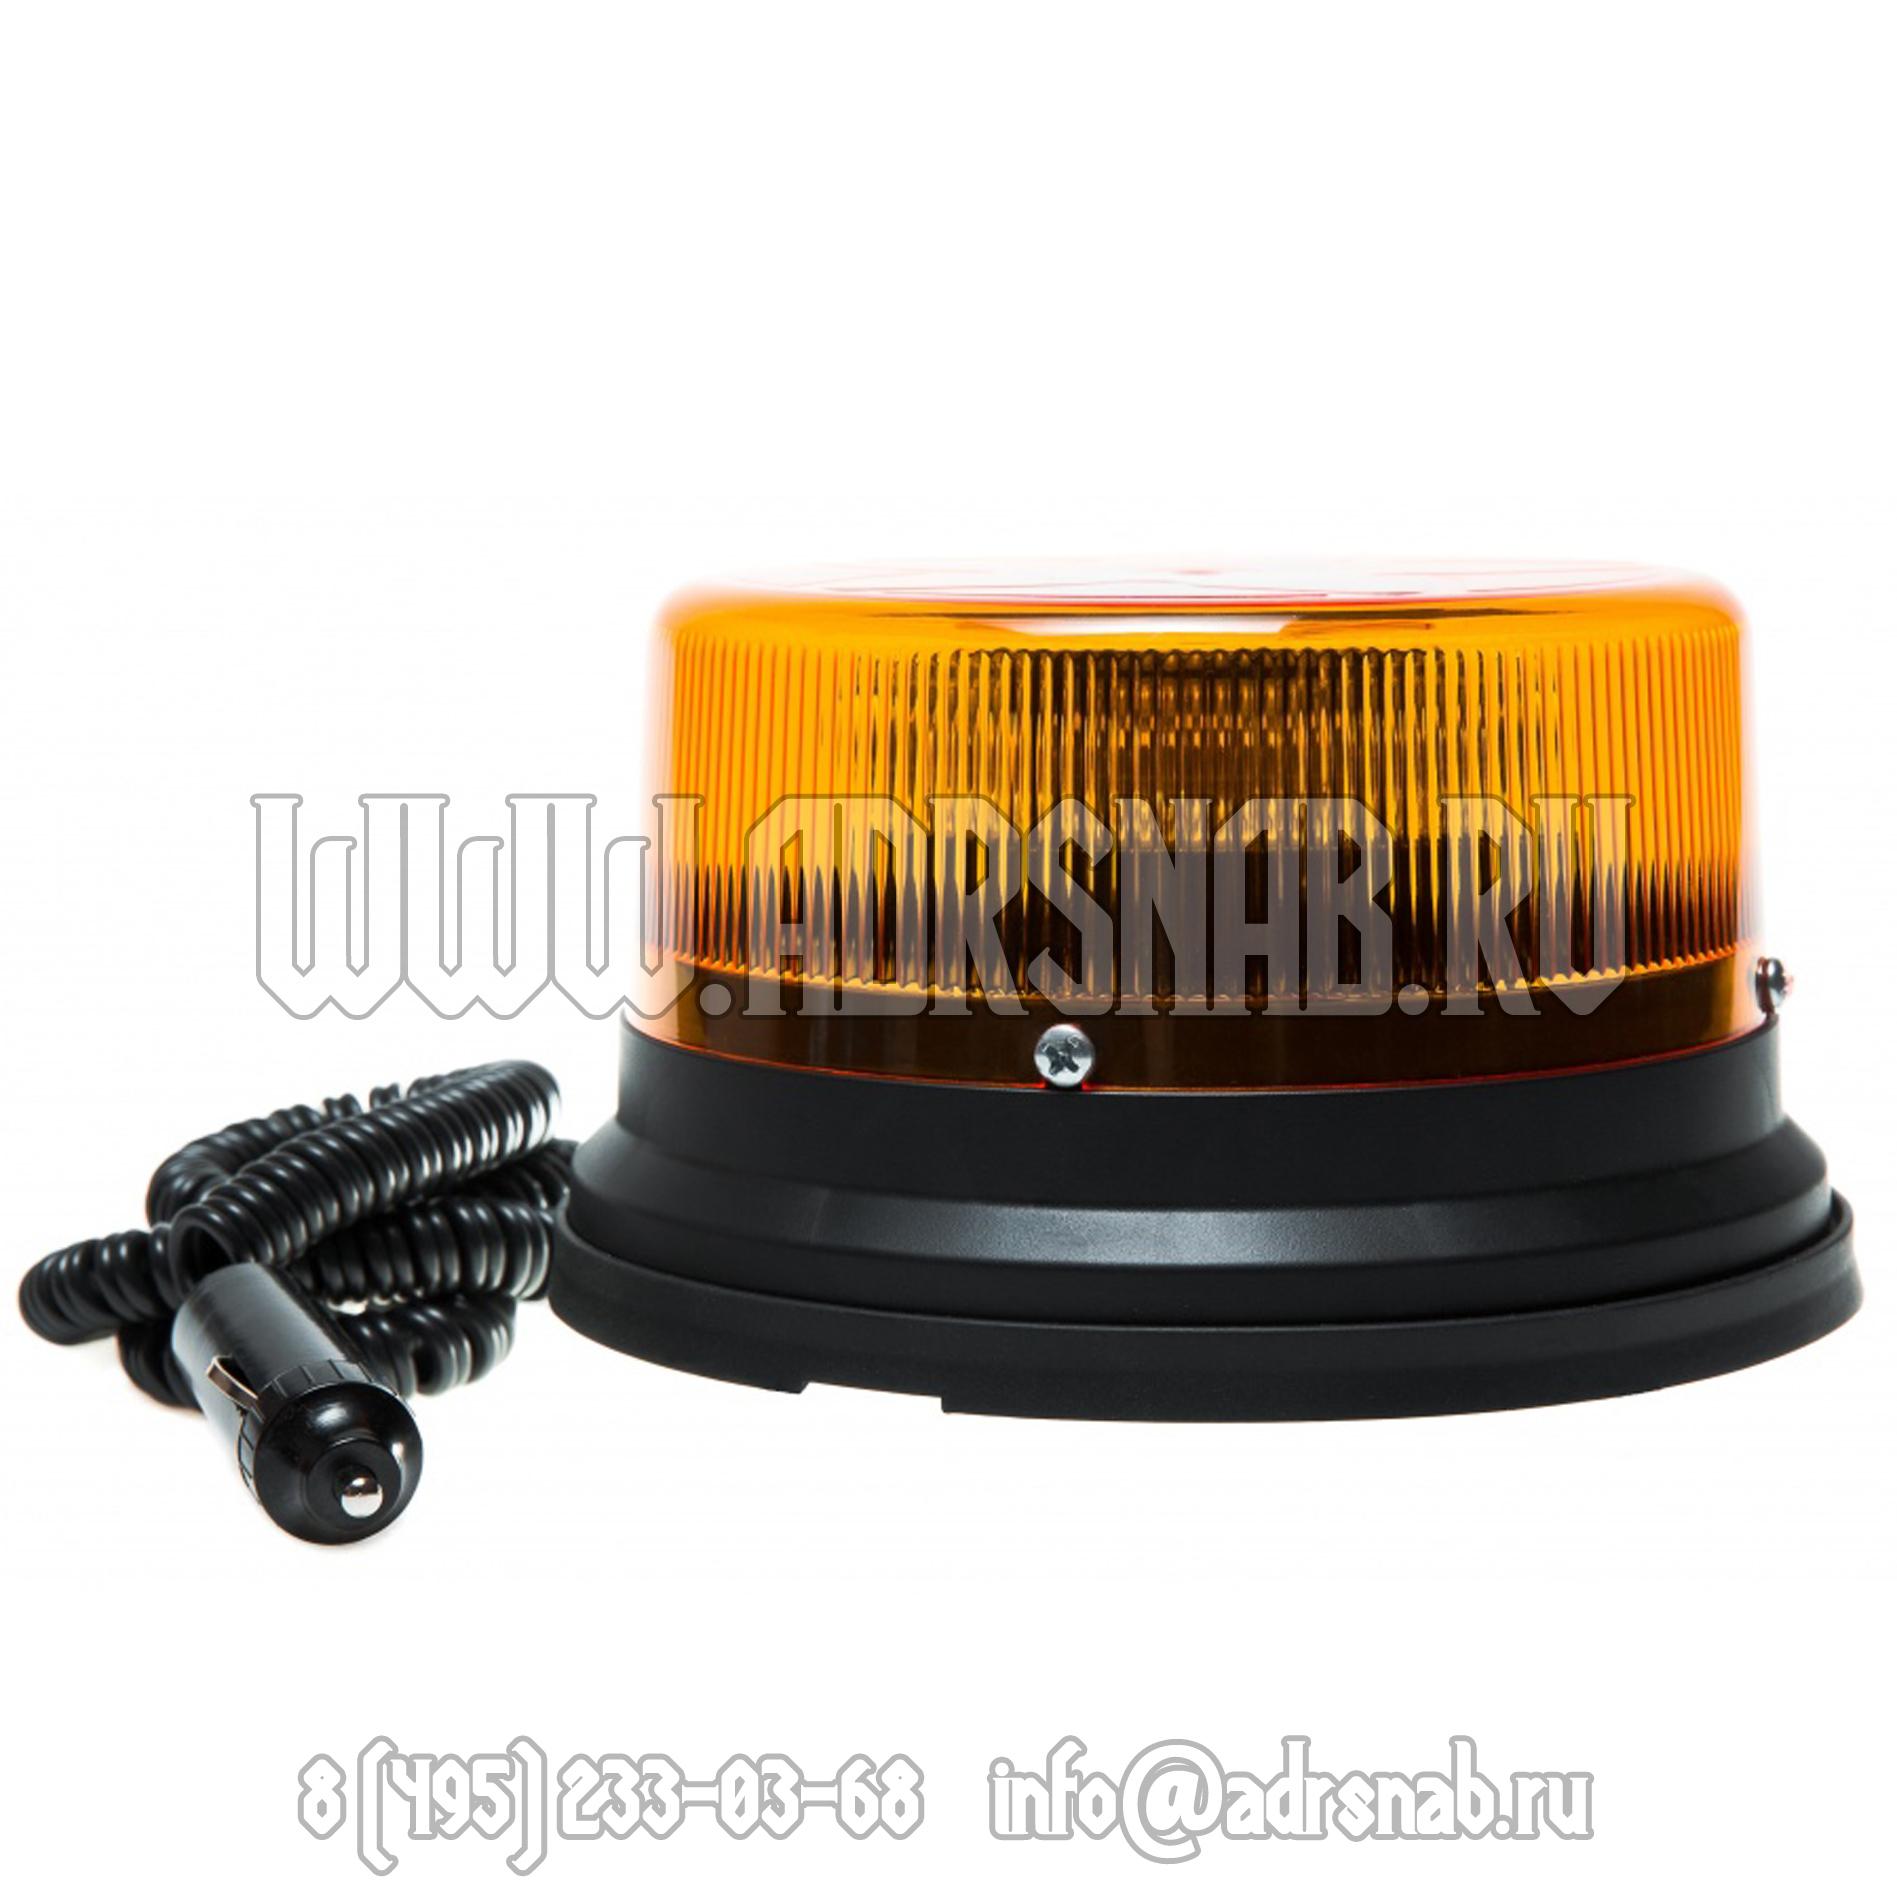 Маяк импульсный желтый низкопрофильный, LED, 12В / 24В (6 сверхмощных светодиода, на магните, РФ)